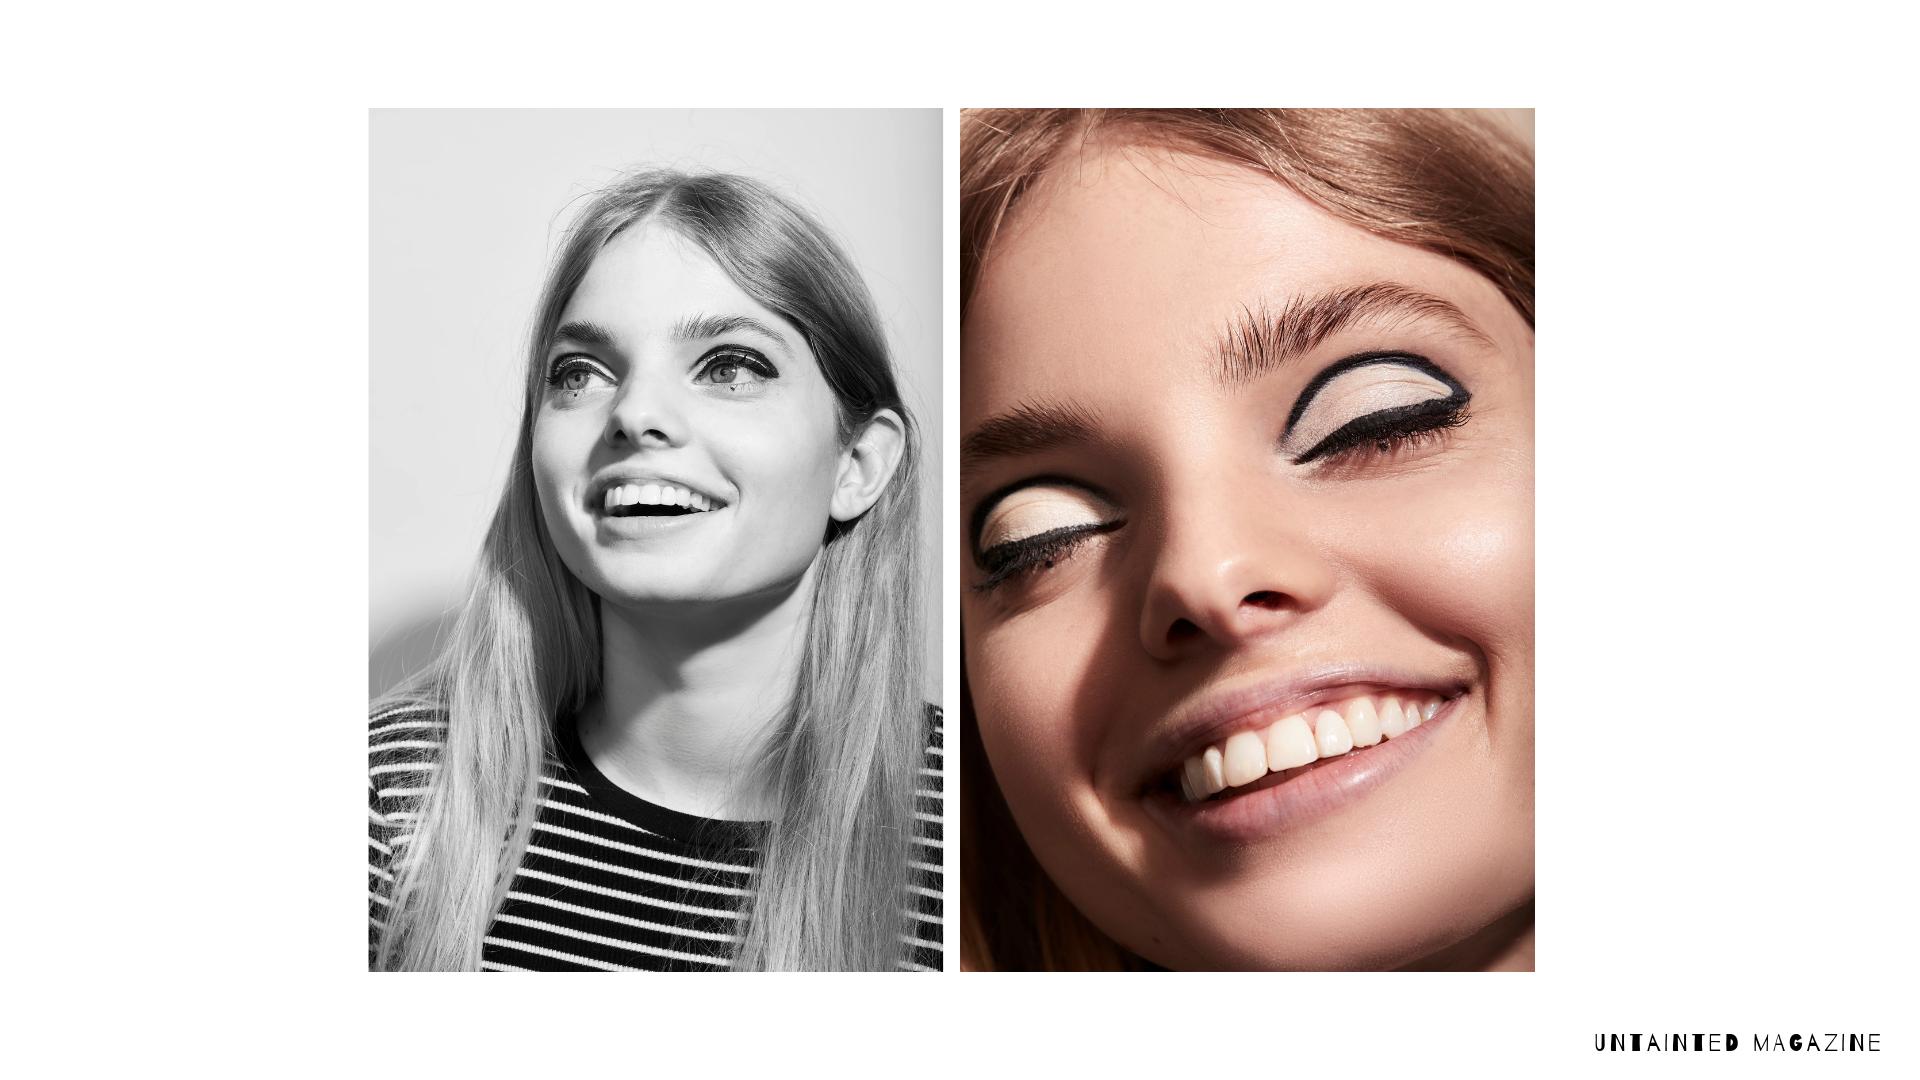 Grace wears  Zao Felt Tip Eyeliner in Black Intense  and  Zao Matte Eyeshadow in Ivory 201